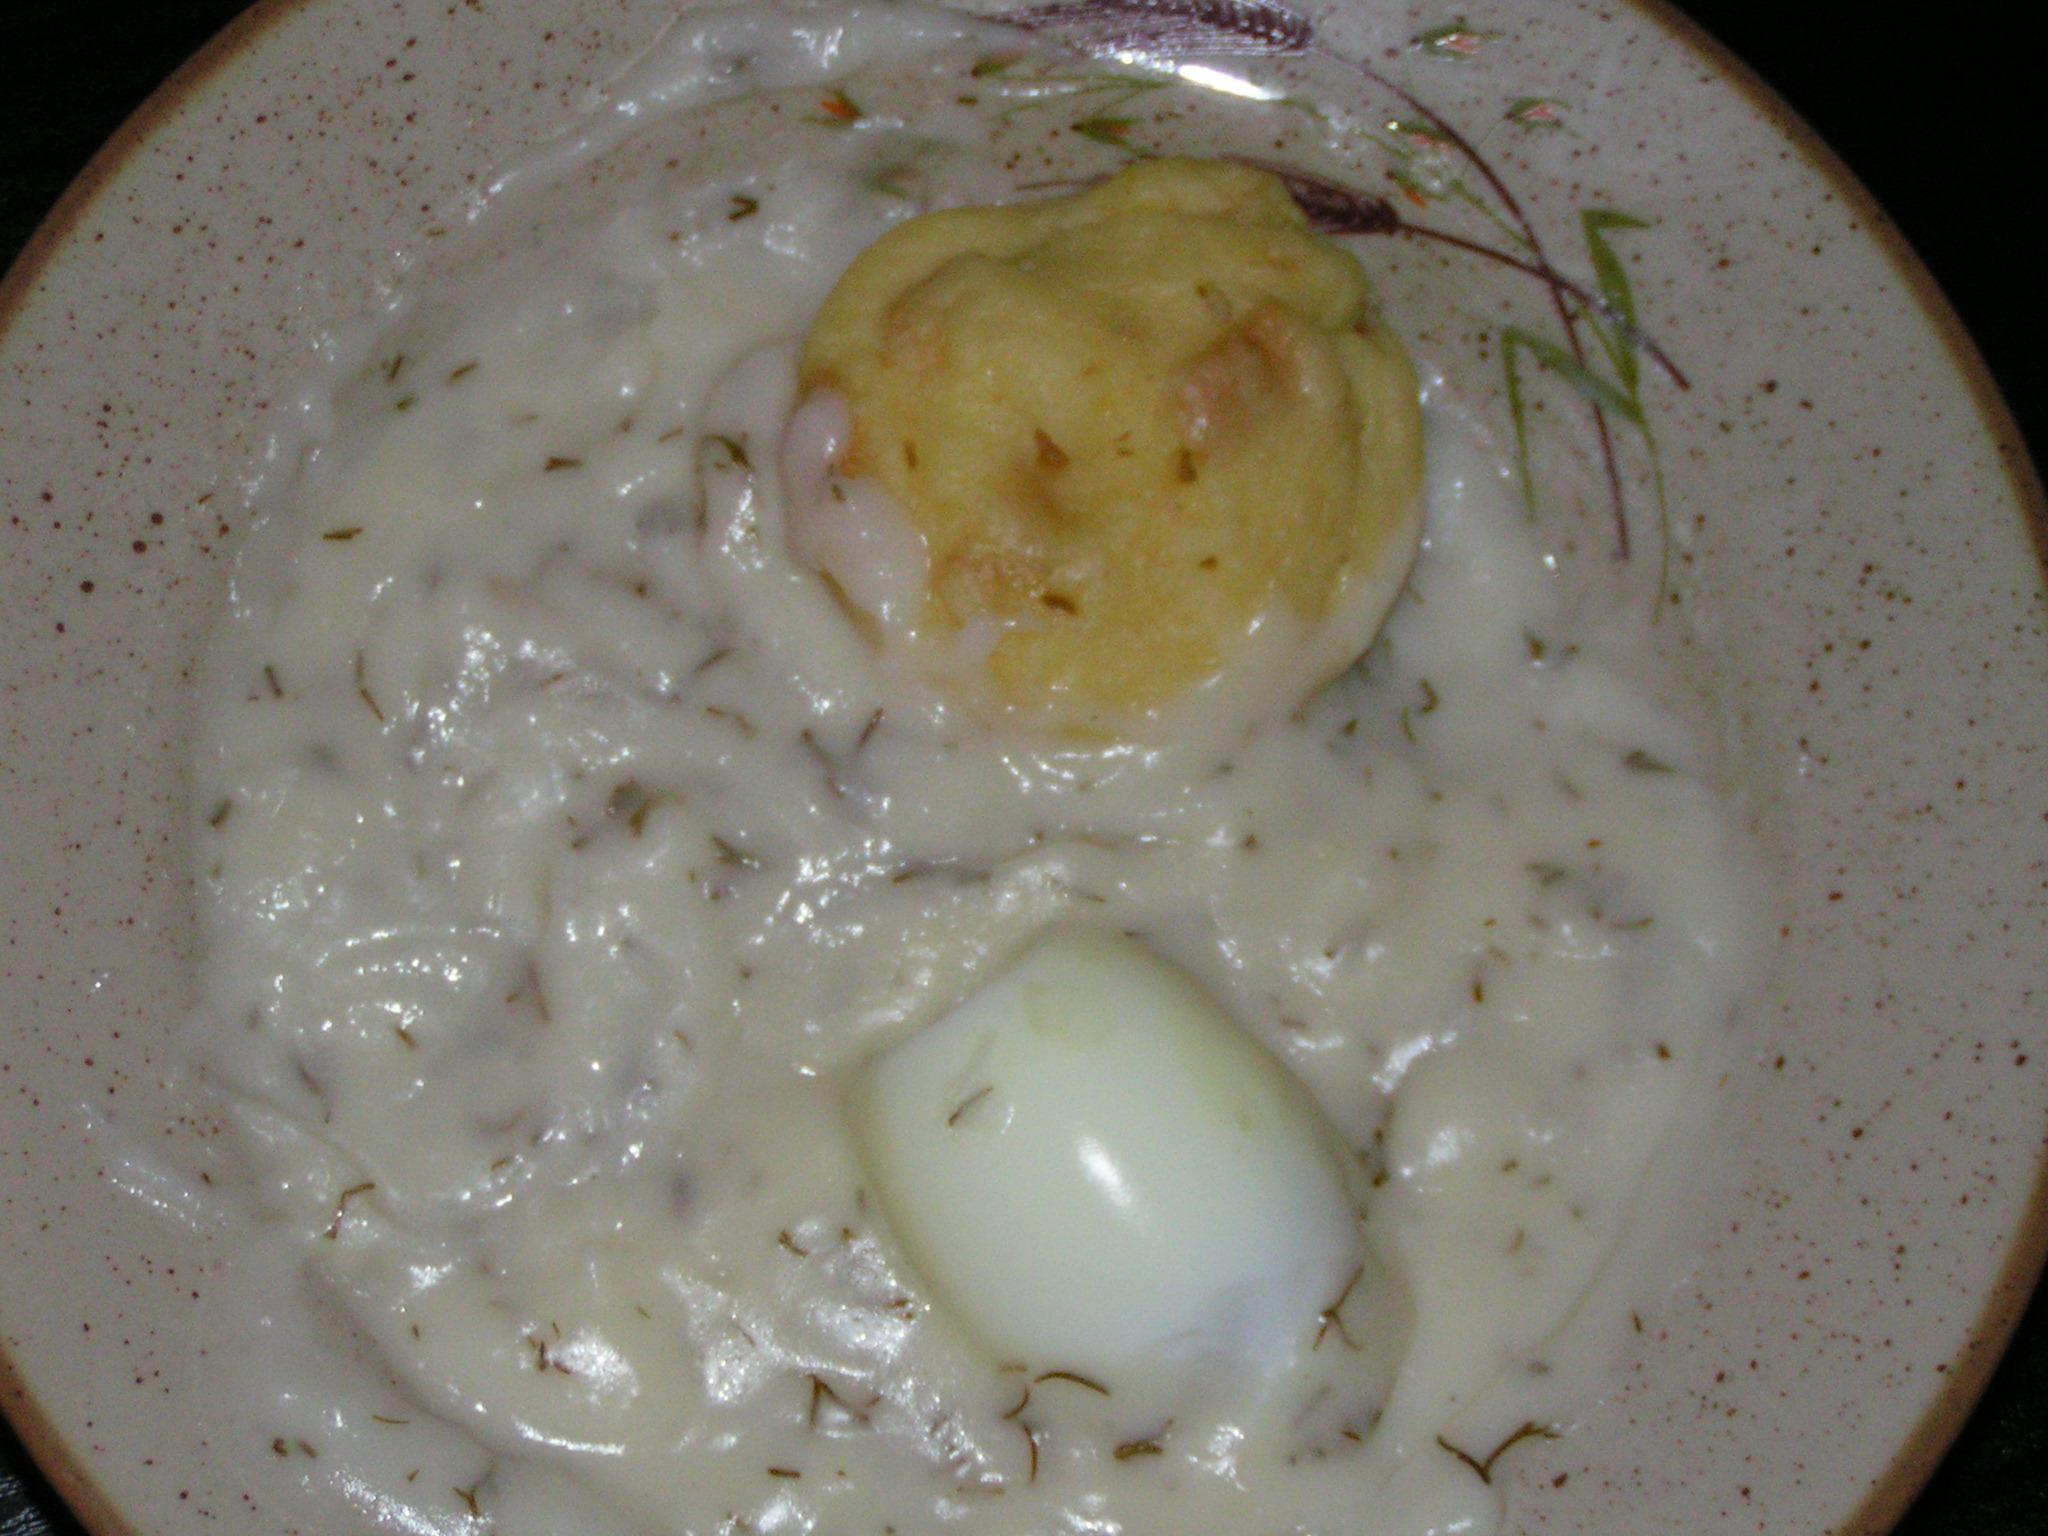 Recept Dědova koprová omáčka - Koprovou omáčku jsem podávala s hrnečkovým knedlíkem a vařeným vajíčkem.